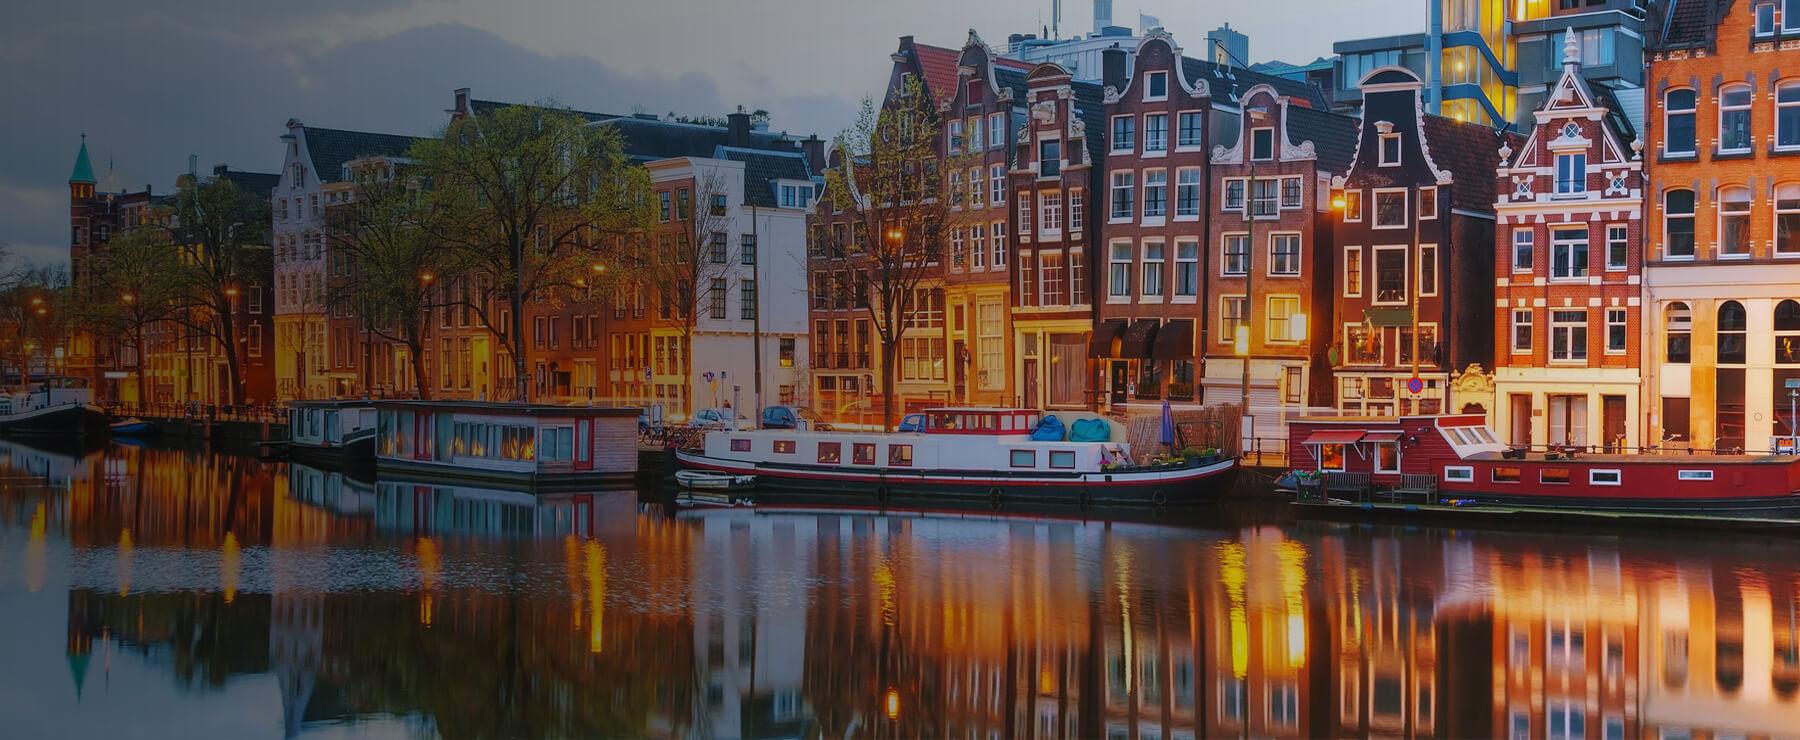 """Выставка """"Образование в Нидерландах: преимущества и возможности"""". Фото - 6"""